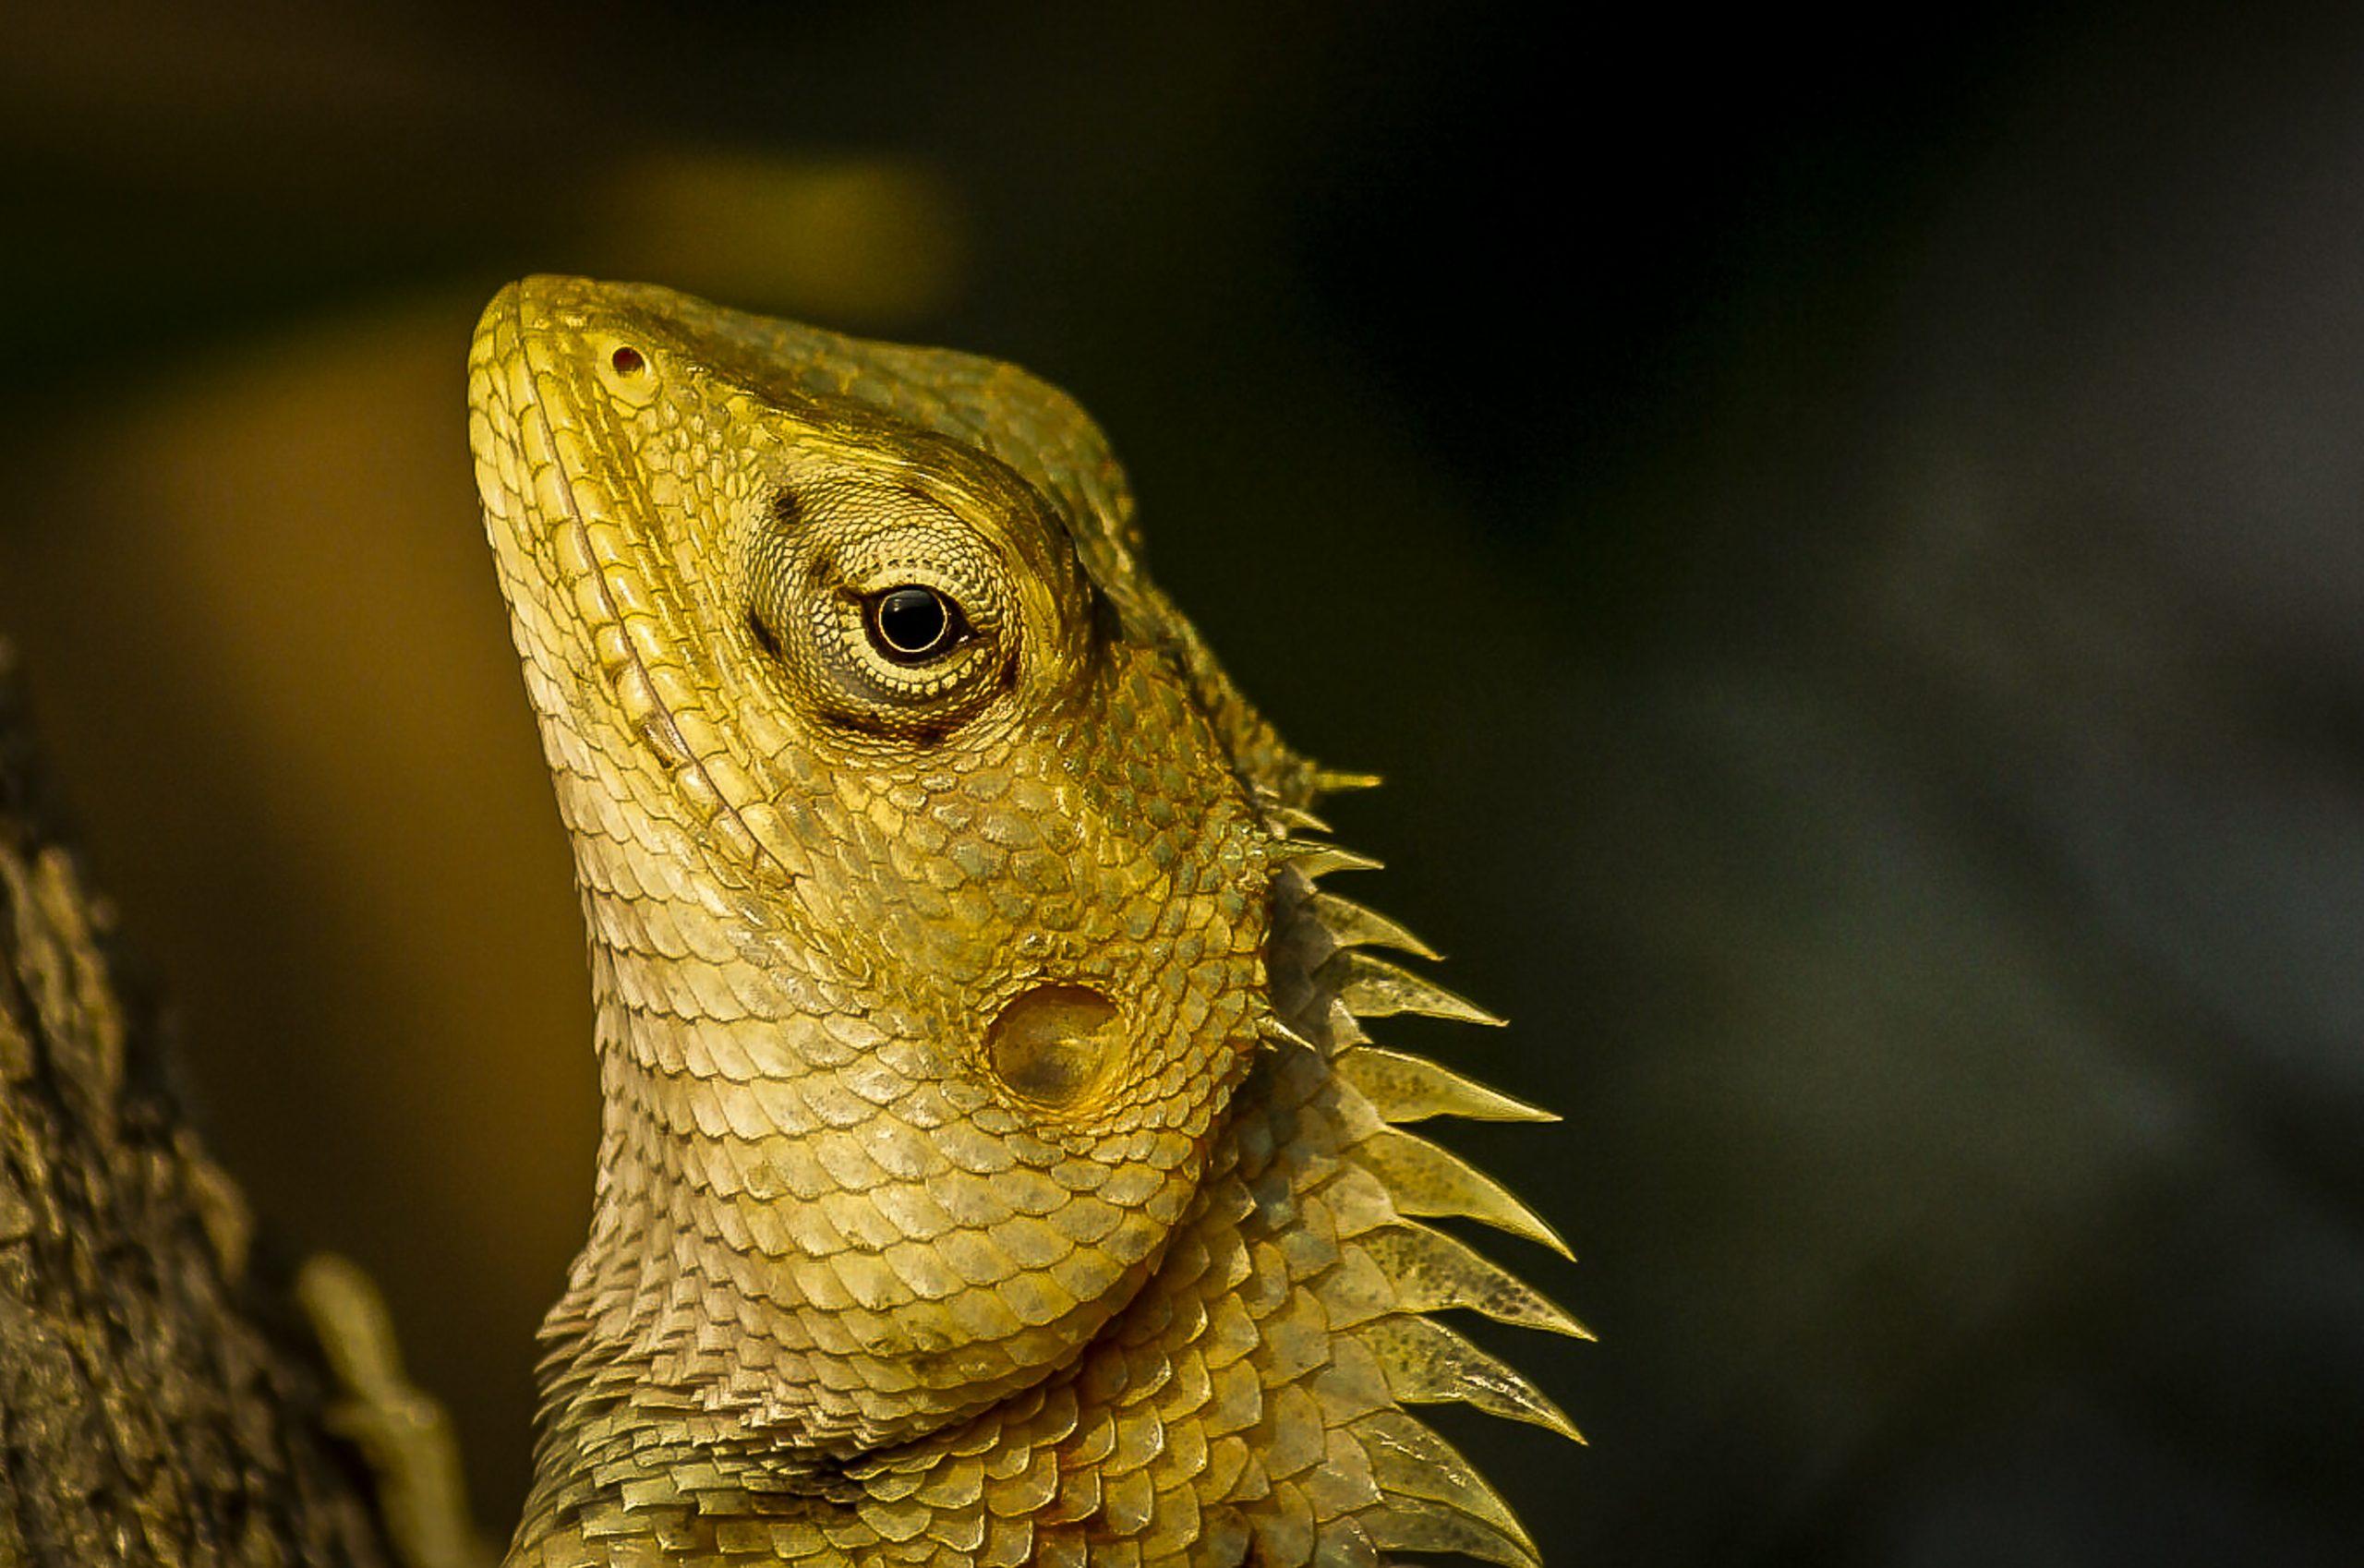 Portrait of garden lizard